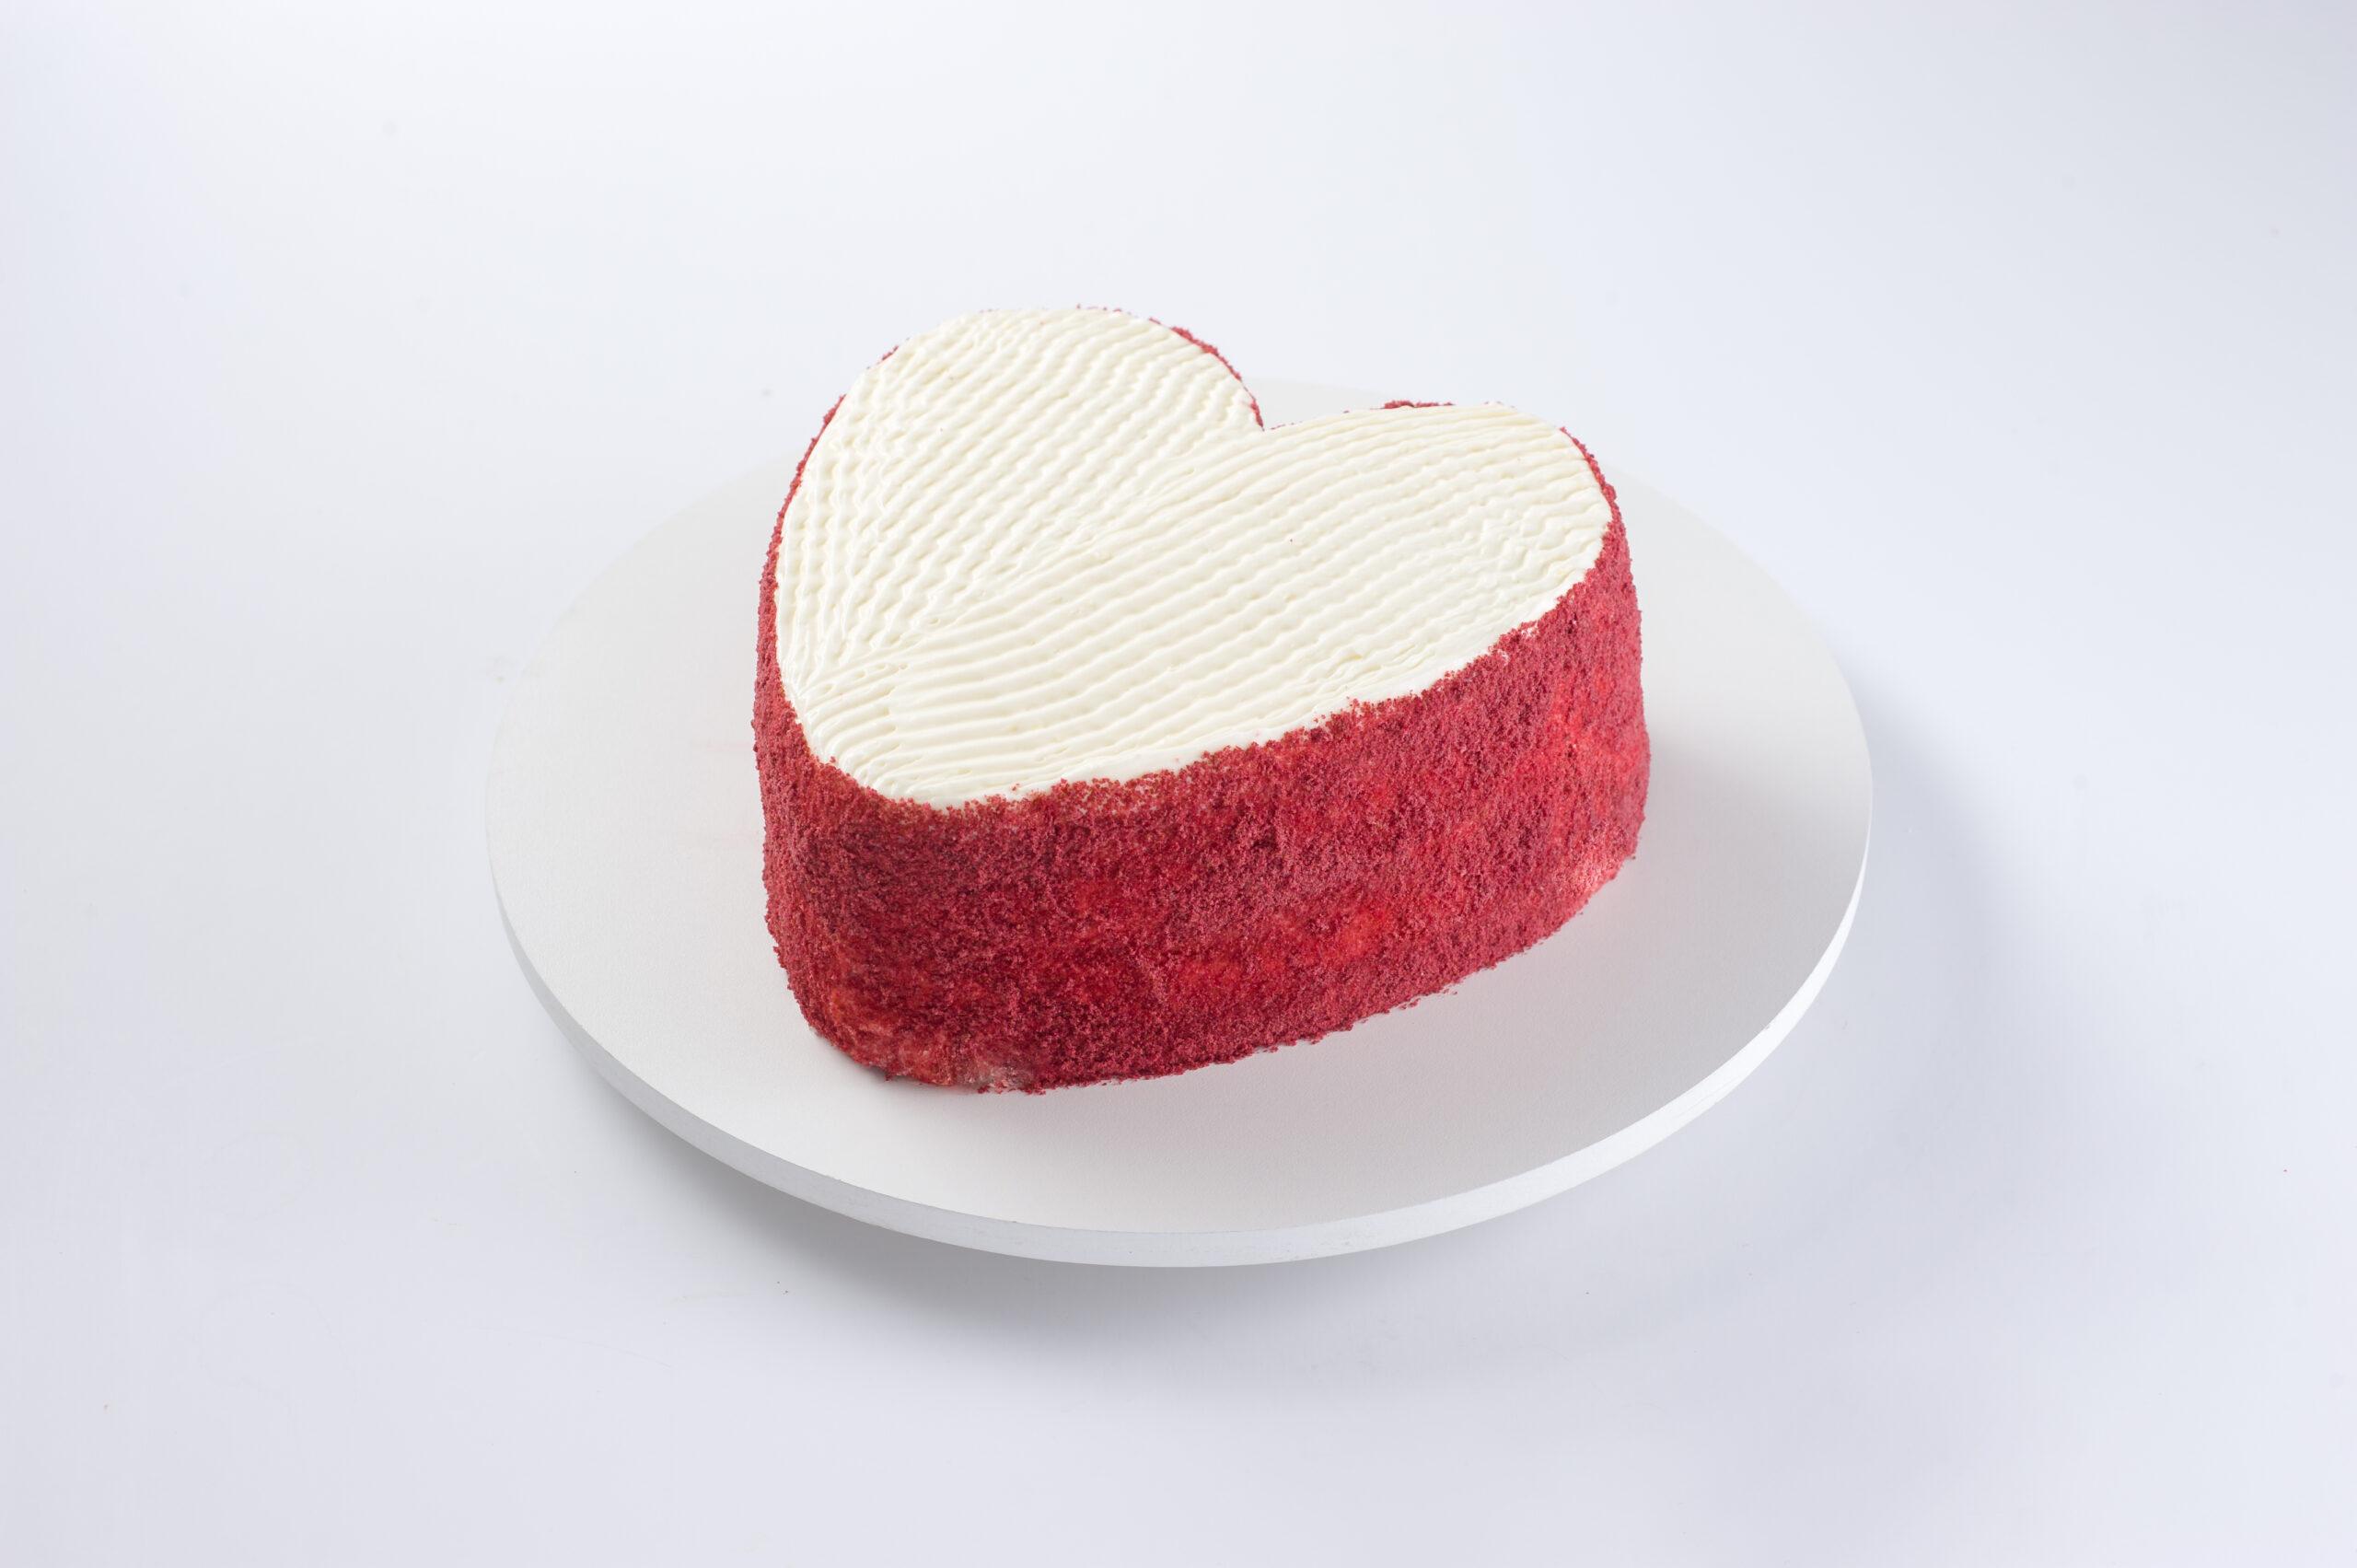 red velvet coração 3189 2 scaled - Bolo Red Velvet Coração 1,4kg